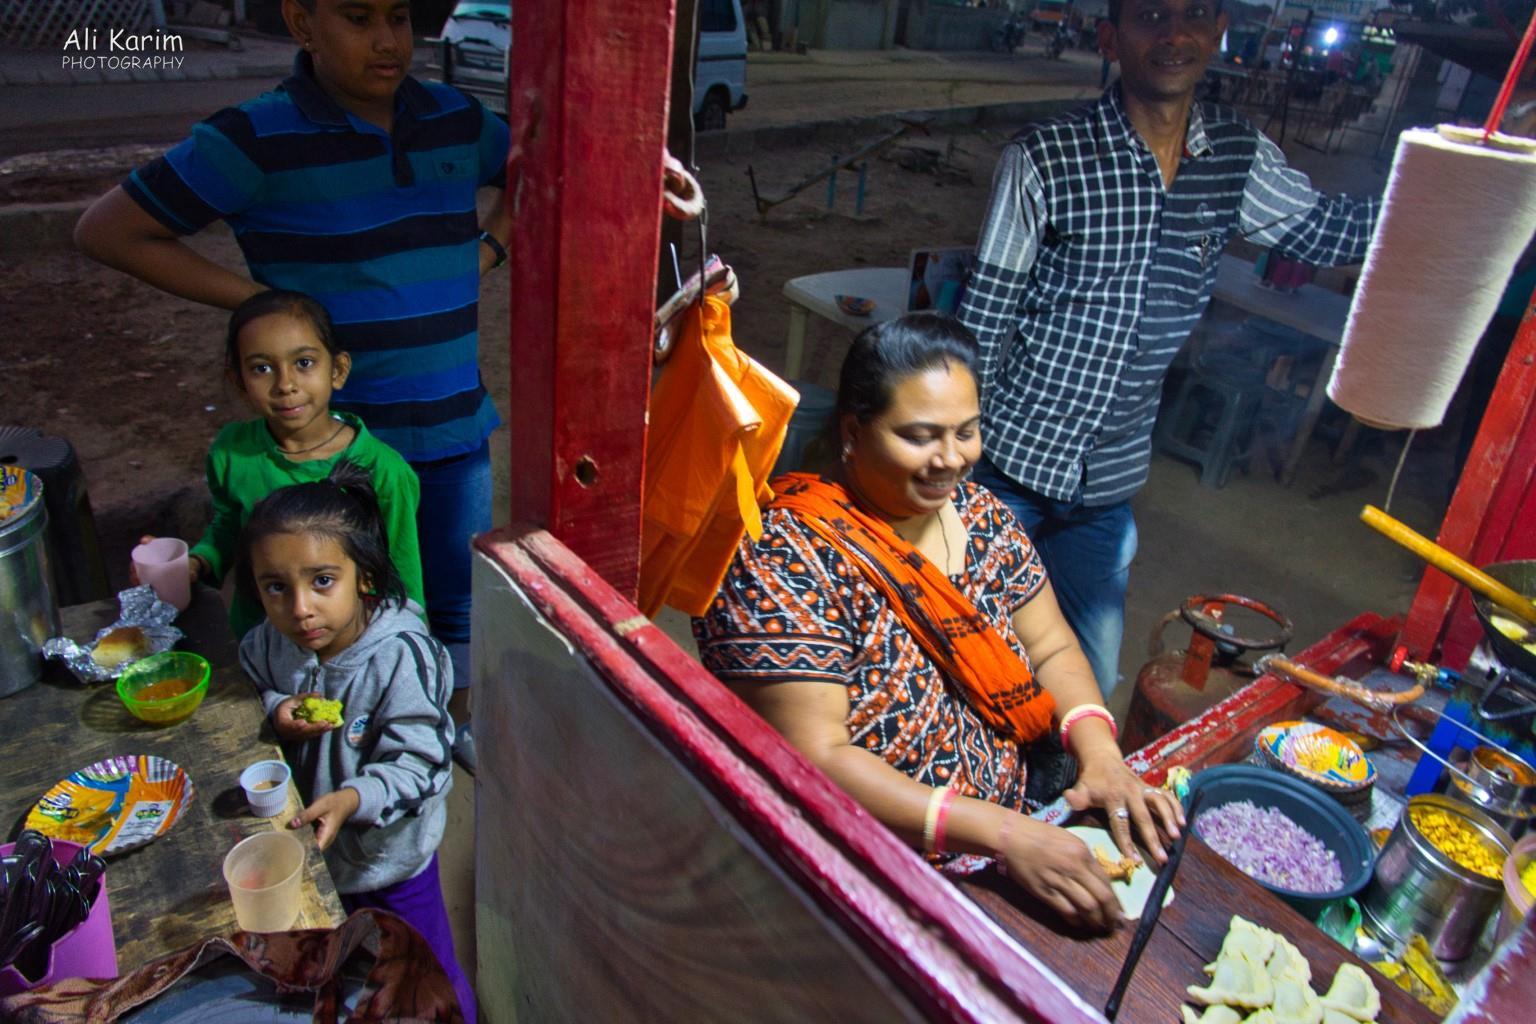 More Bhuj Family stall